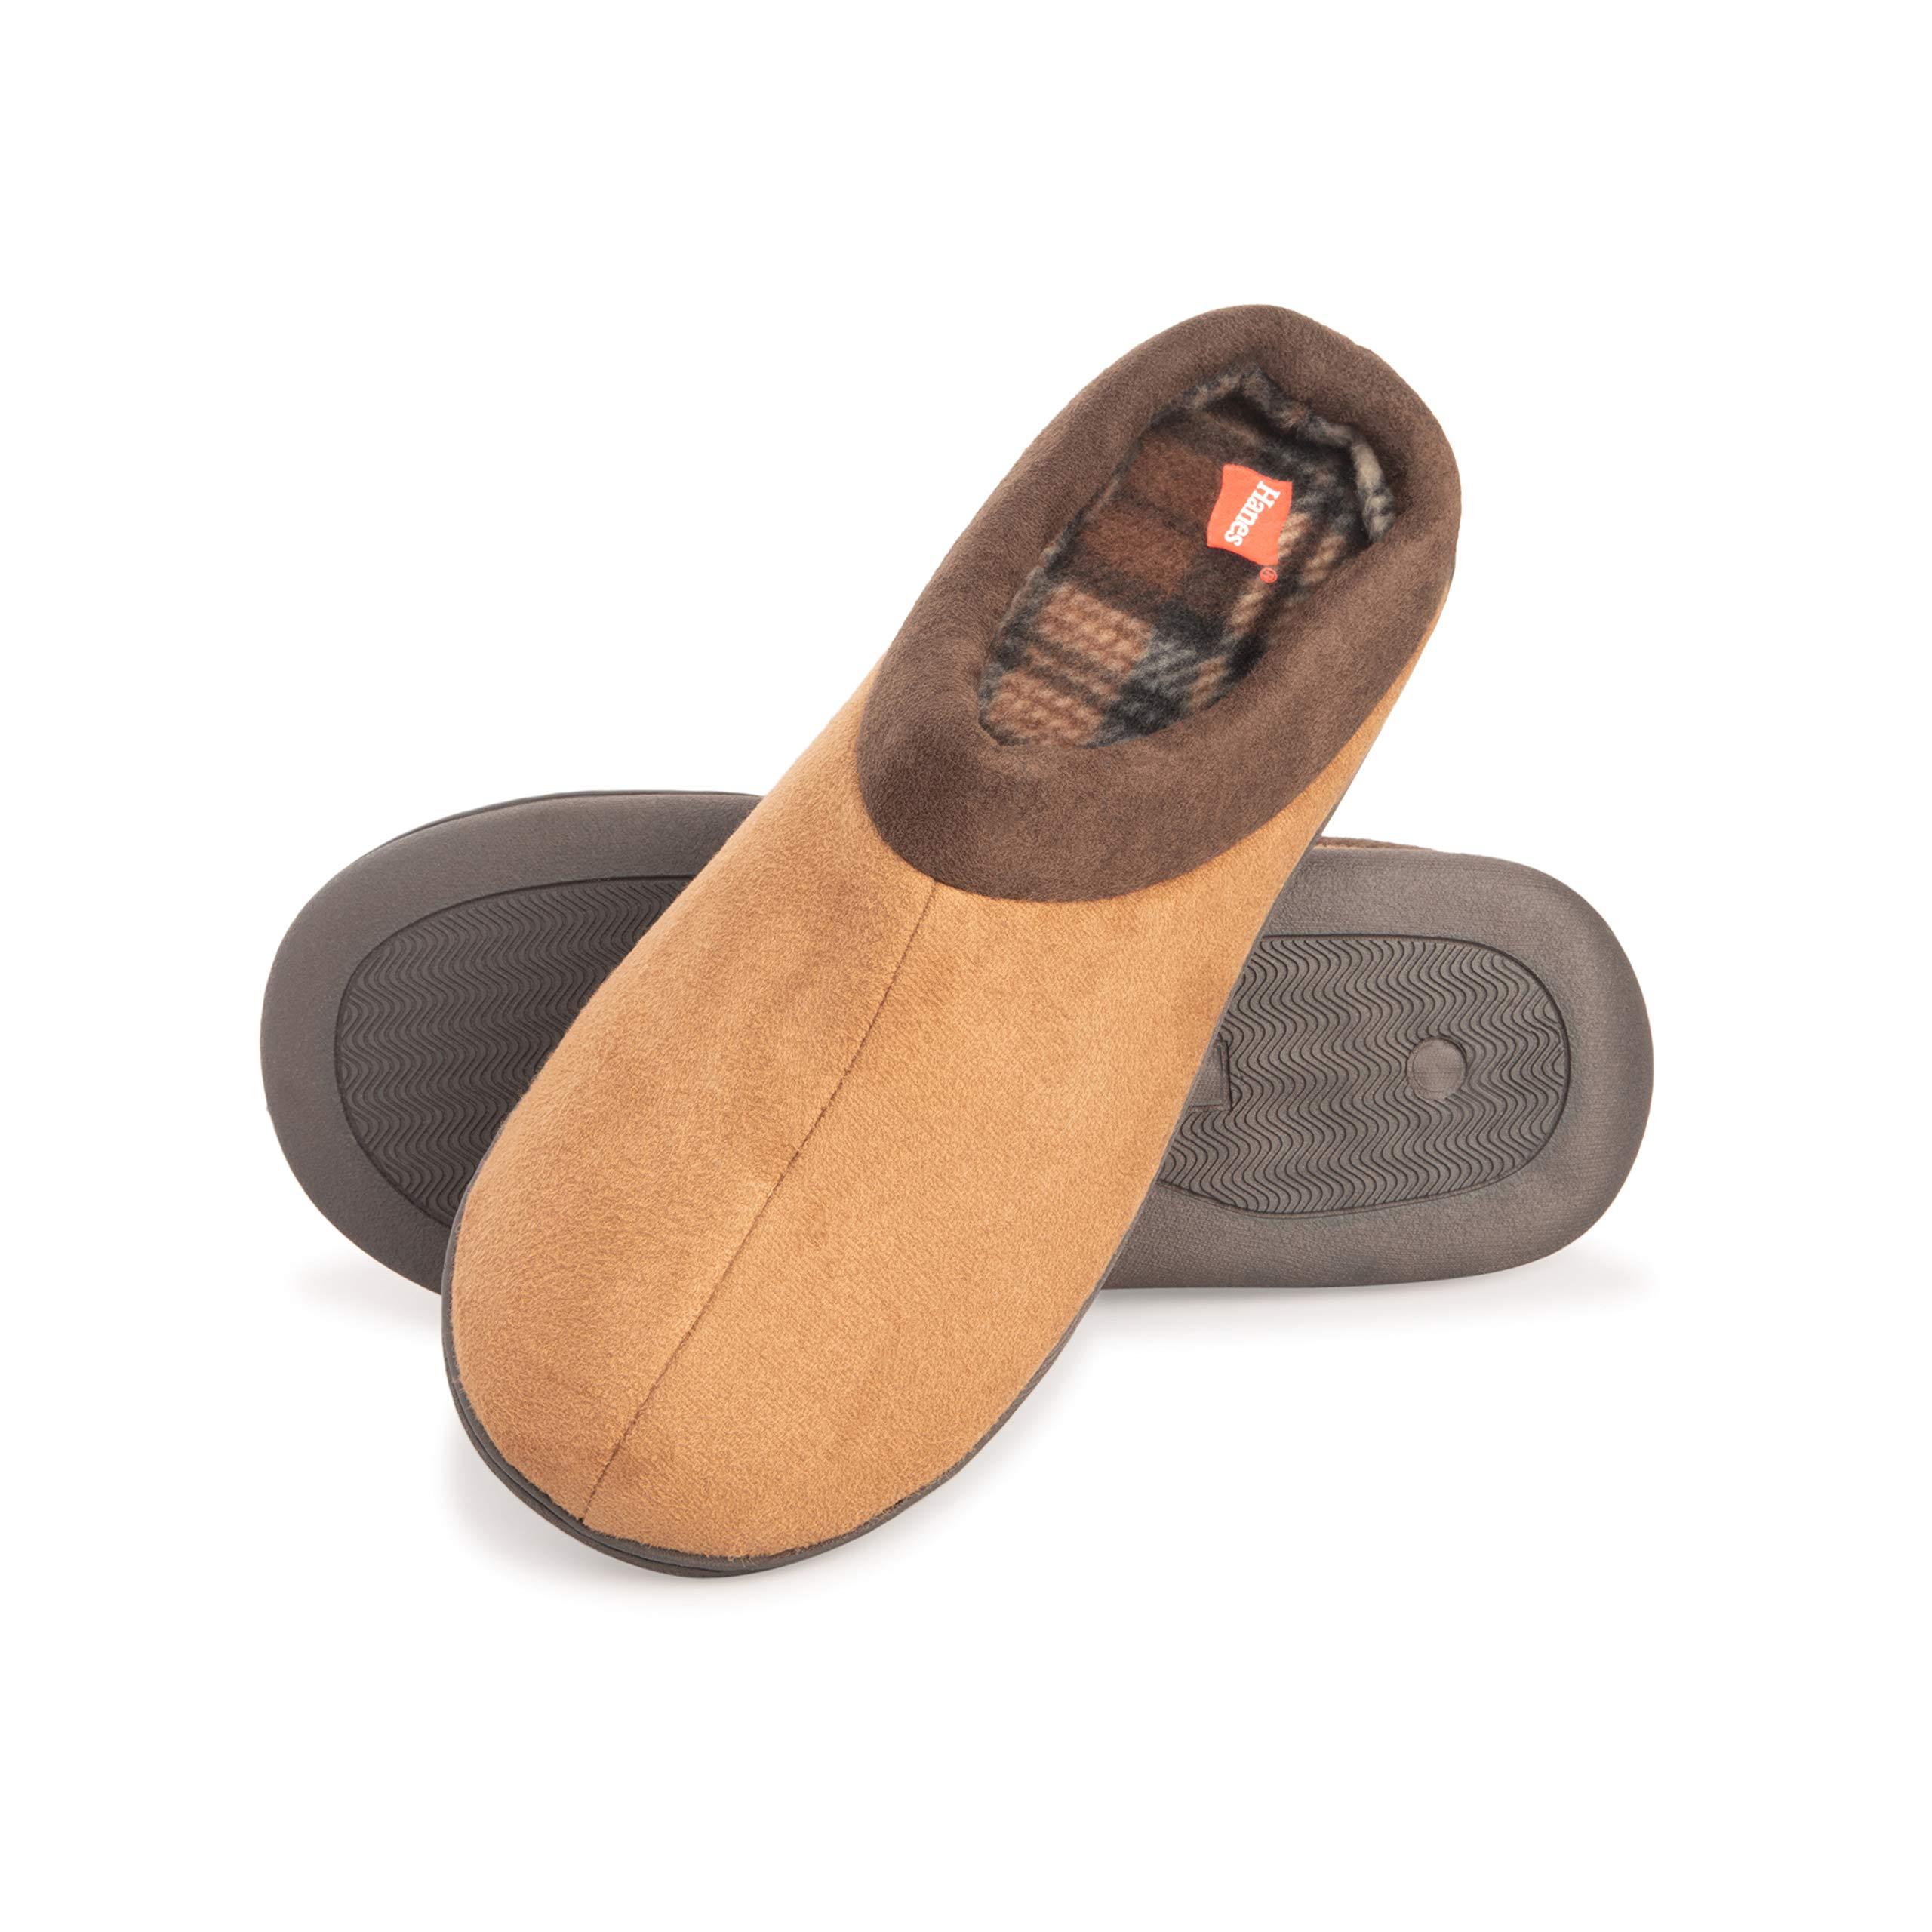 Hanes Men's Memory Foam Indoor Outdoor Suede Clog Slipper Shoe with Fresh Iq